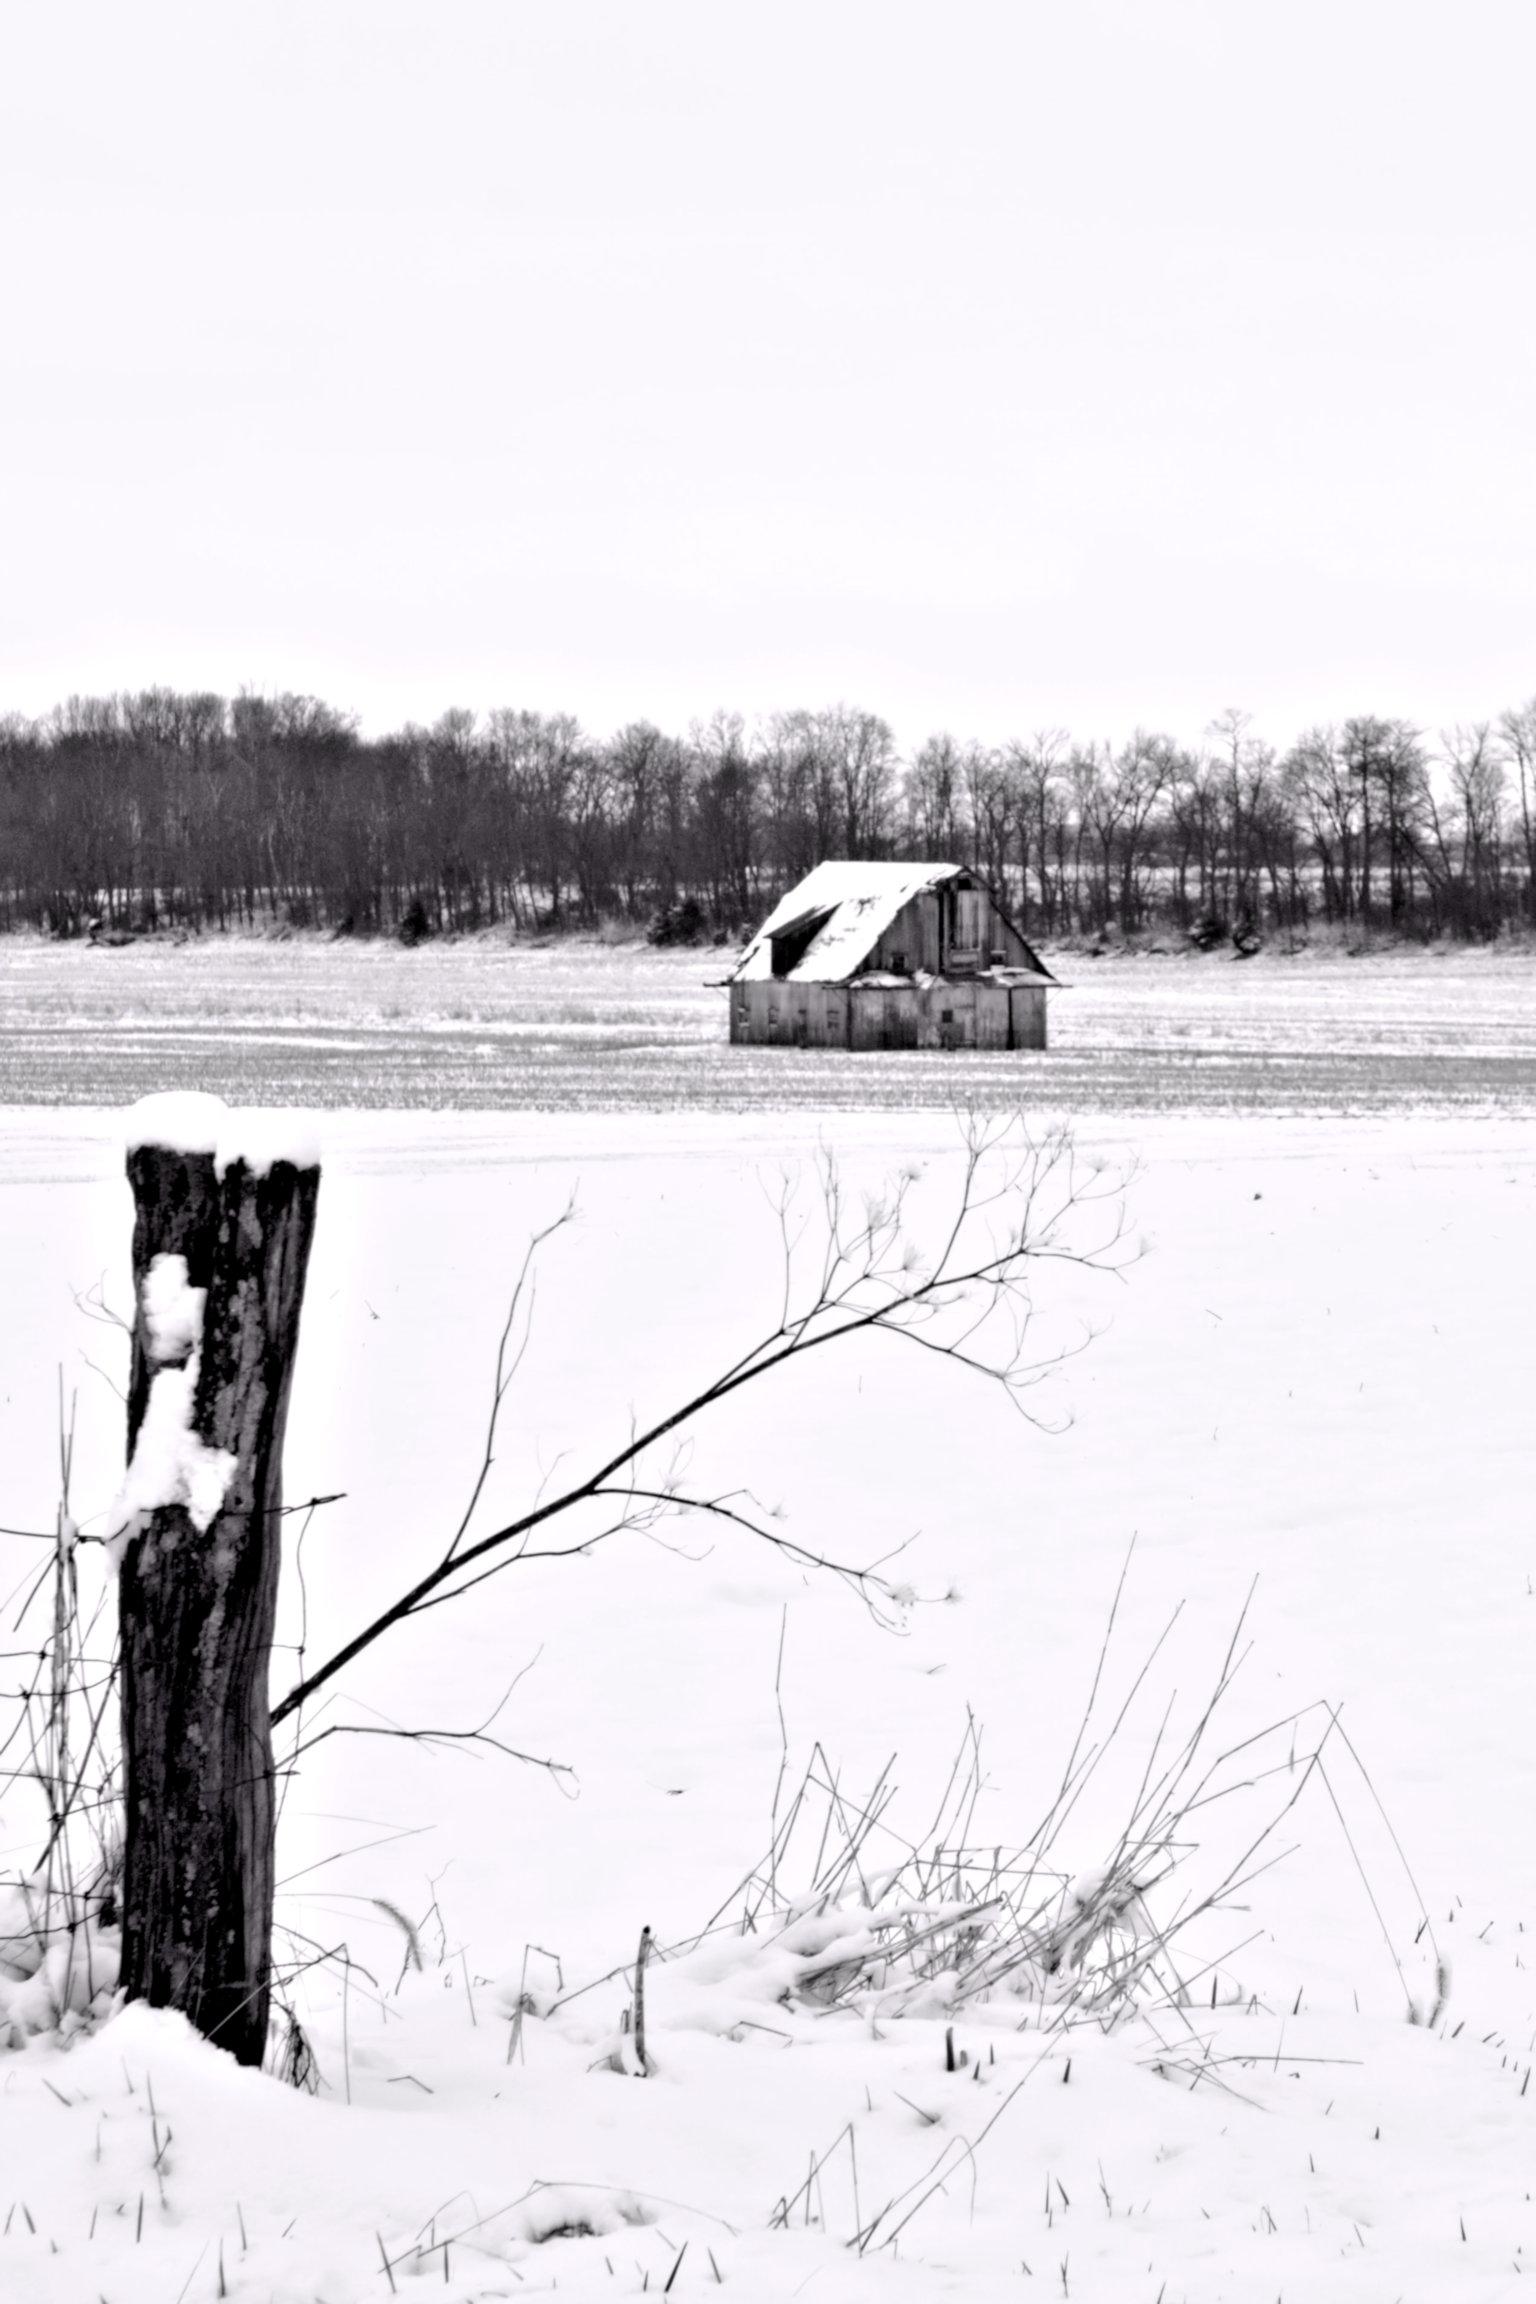 B&W barn in winter